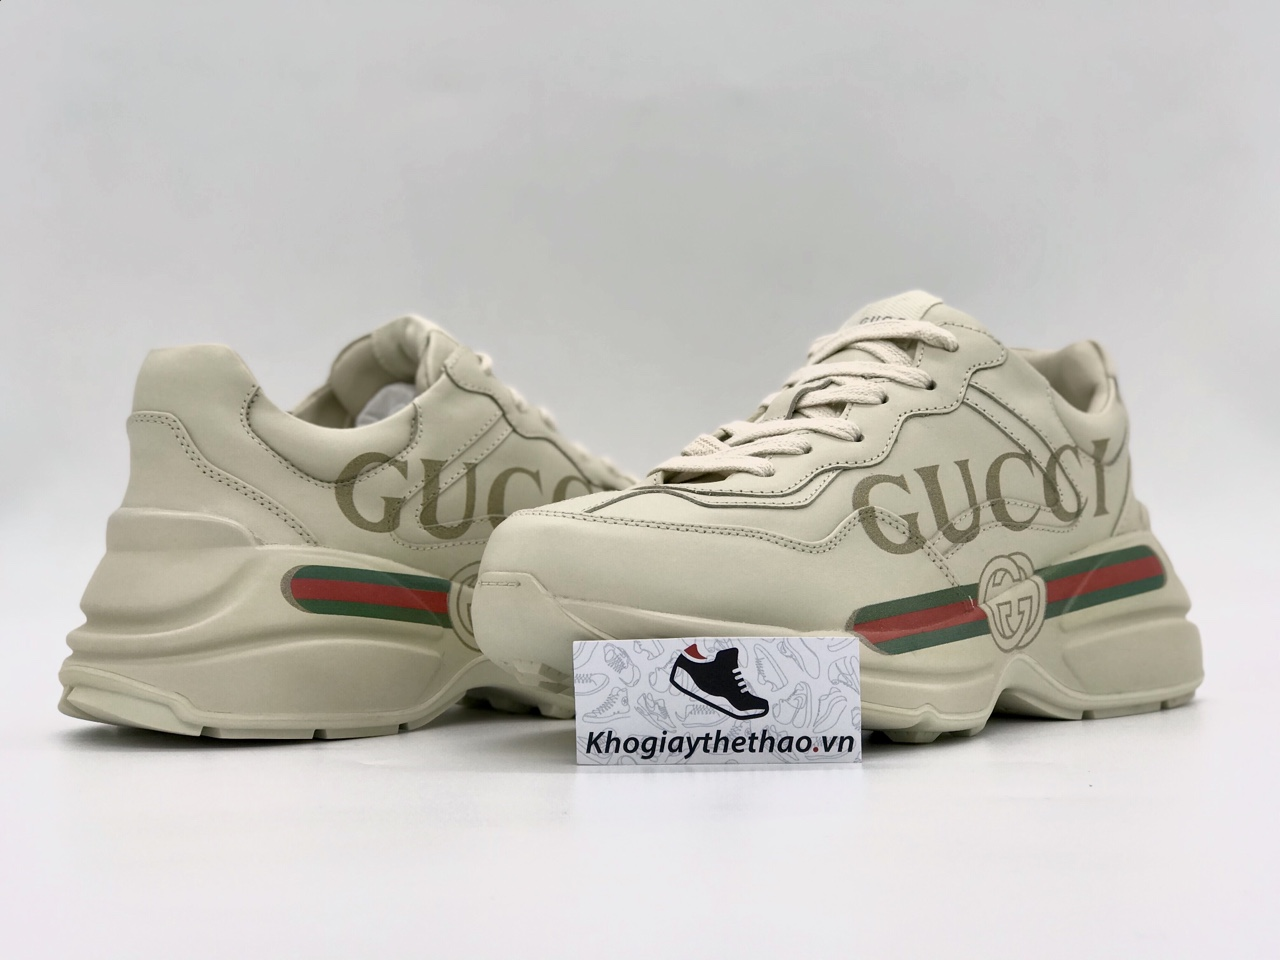 Giày Gucci Chunky Rhyton replica